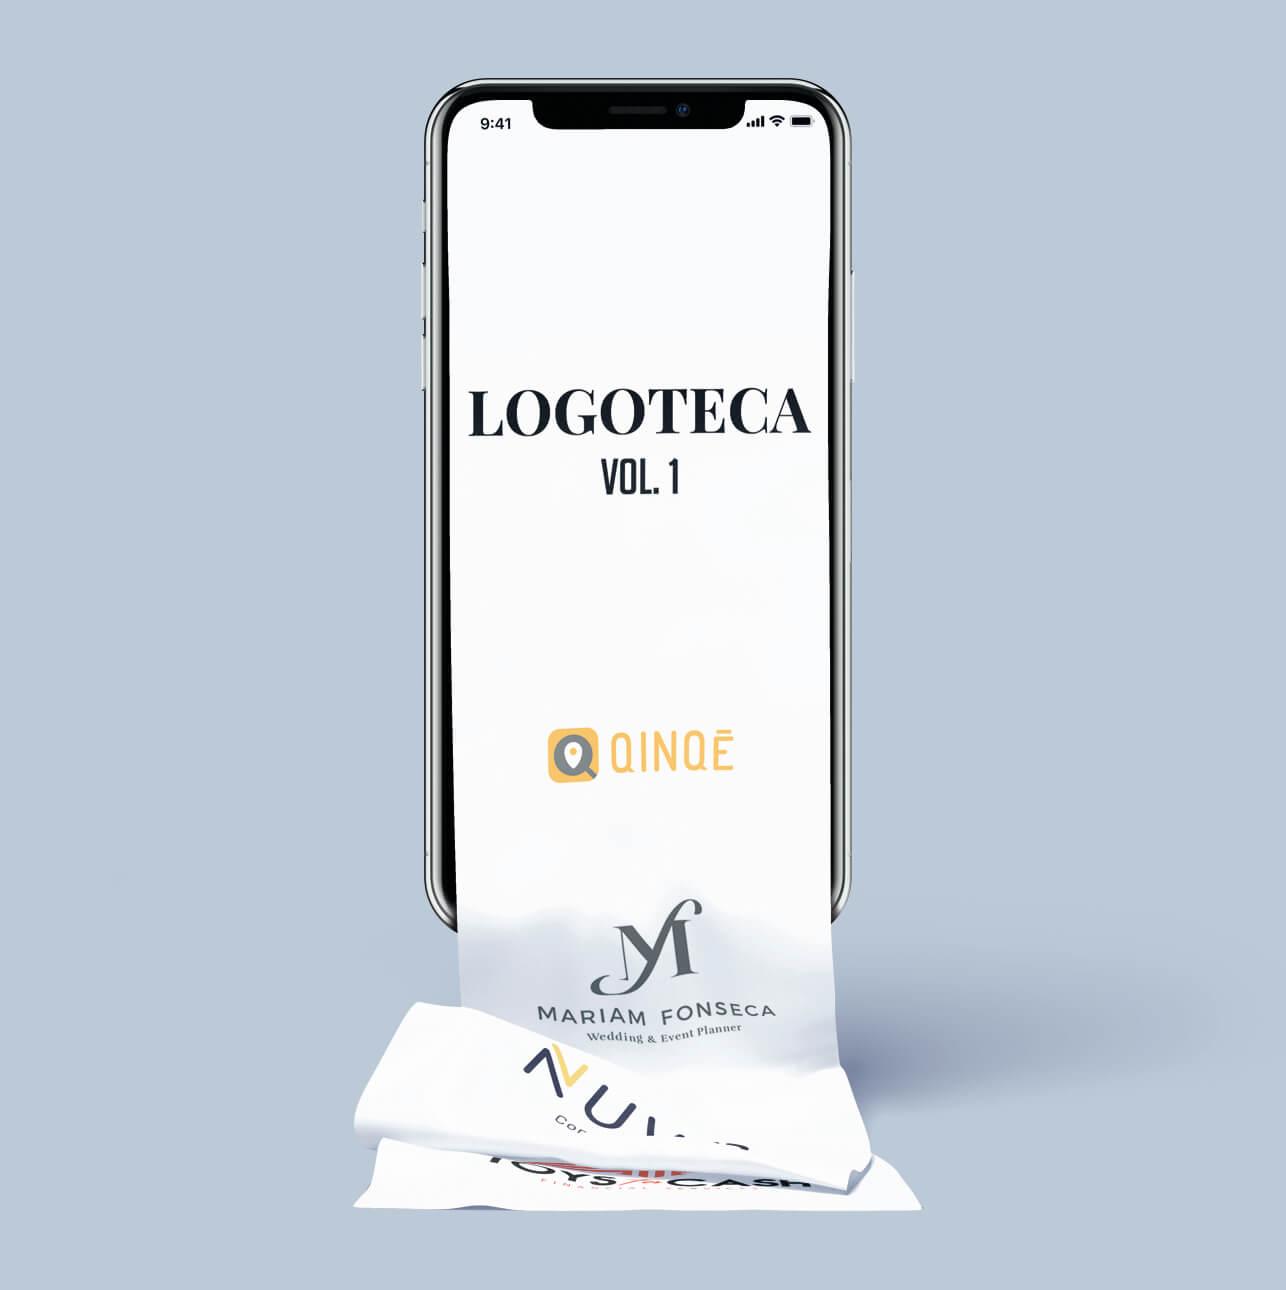 Logoteca vol.1